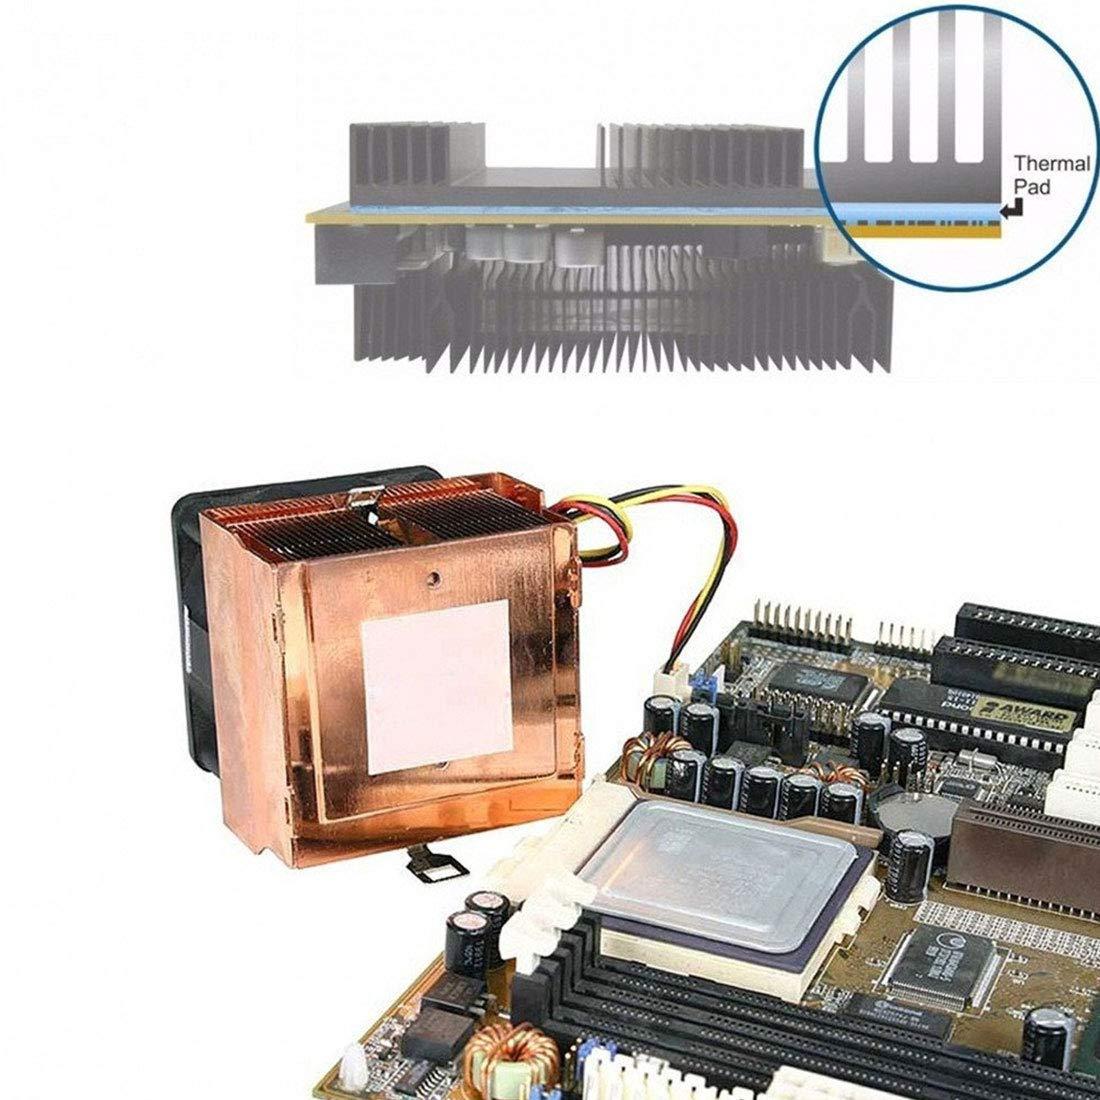 Fliyeong /GPU CPU K/ühlk/örper K/ühler Leitf/ähiges Silikon Pad 100mm 0,5mm W/ärmeleitpad Ersatzteile f/ür die K/ühlung von hoher Qualit/ät